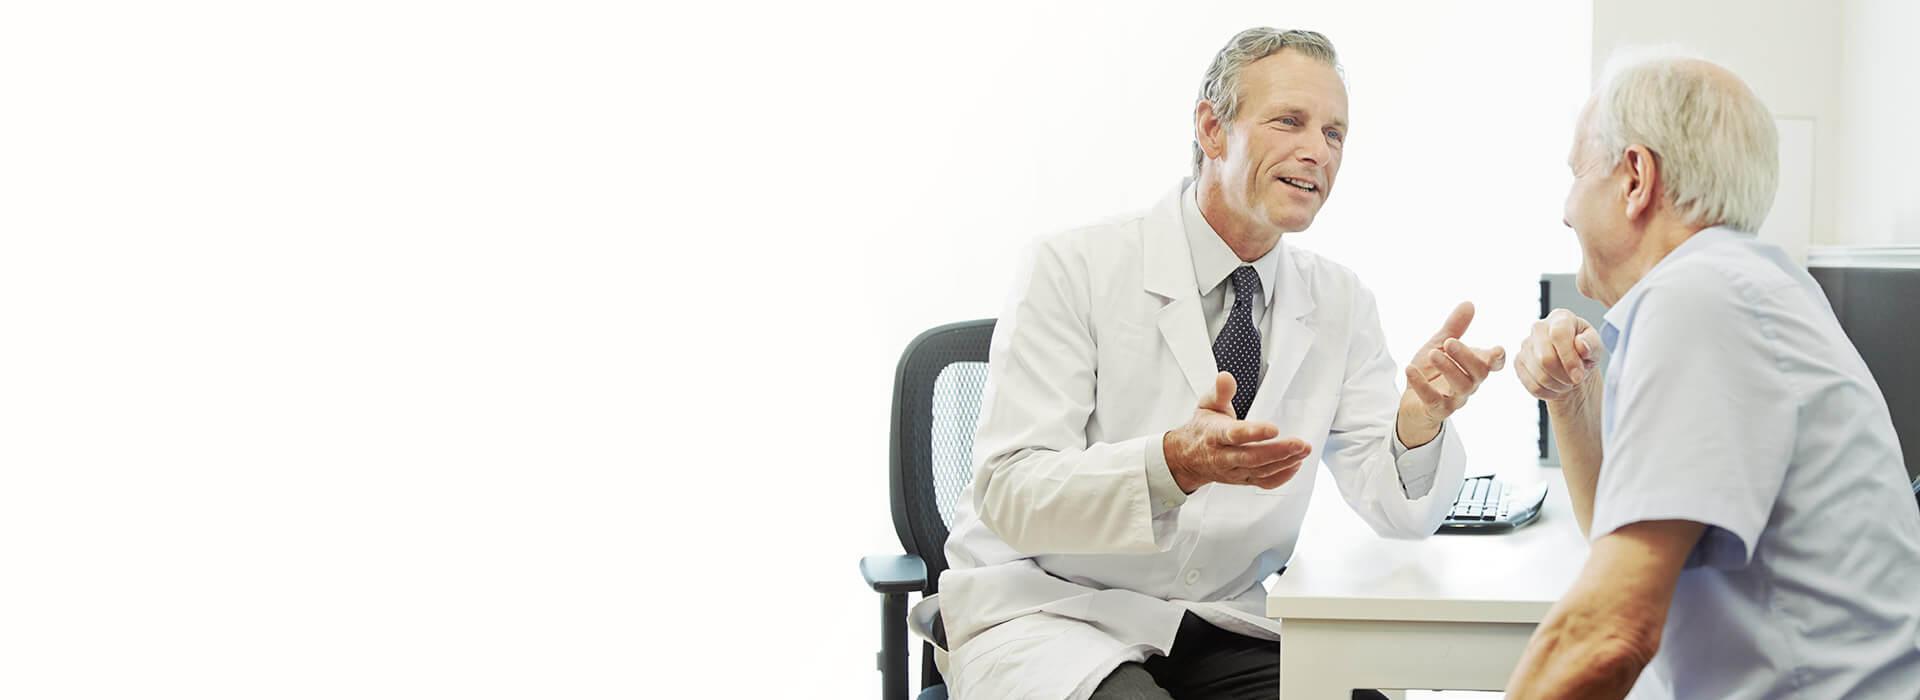 Ein Arzt mit einem Ohr-Patienten